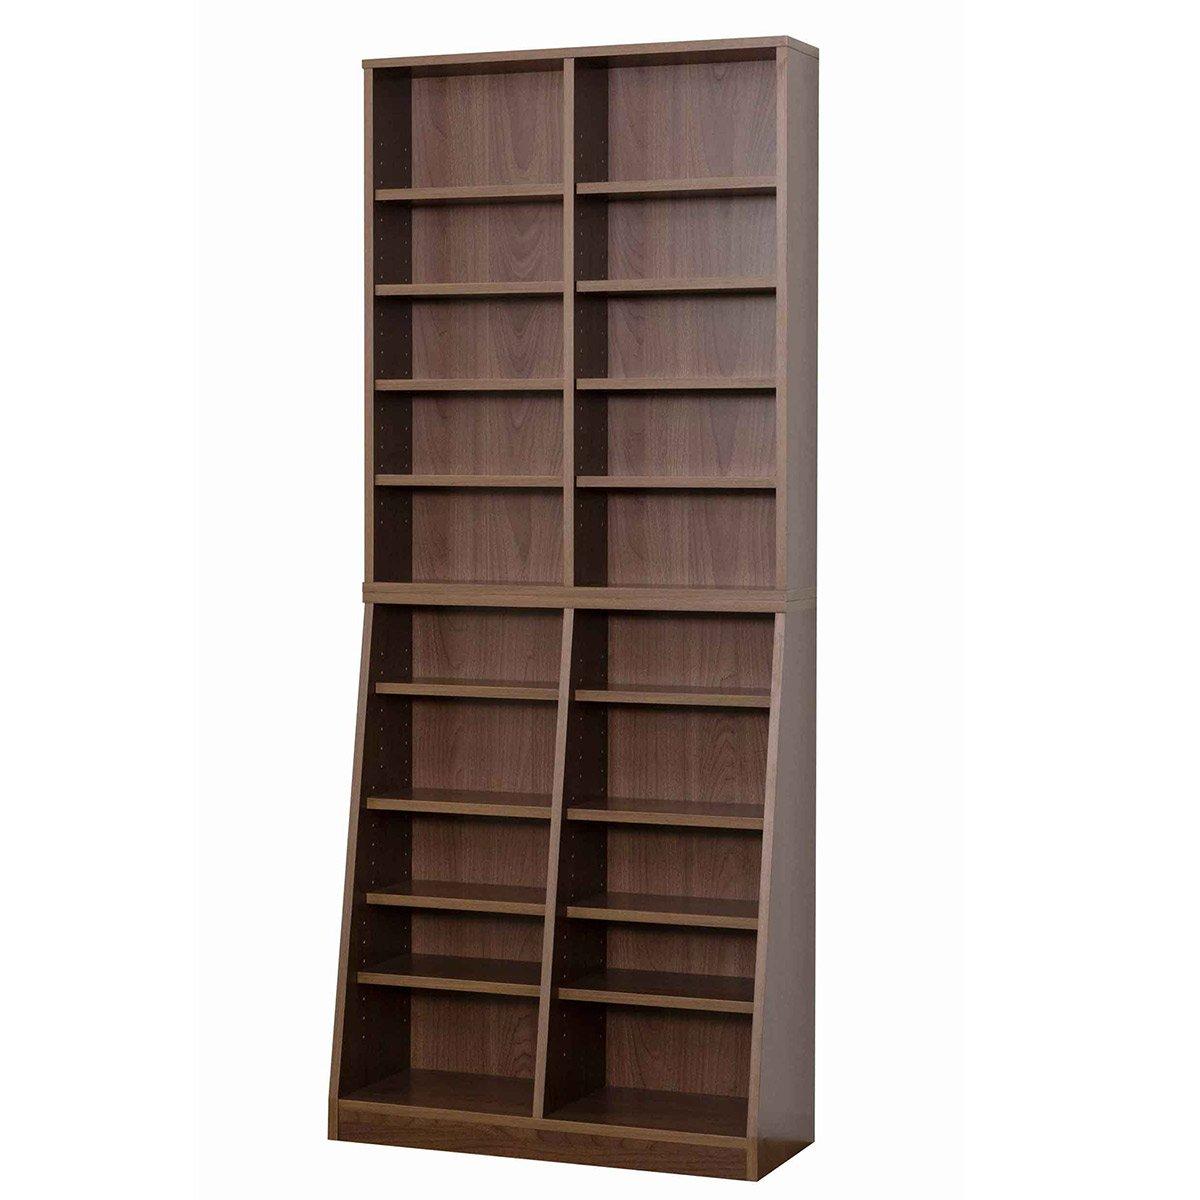 クロシオ SOHO書棚 W75 ウォールナット 幅75cm 高さ180cm DVD収納 A4本棚 B01IQRHTKC